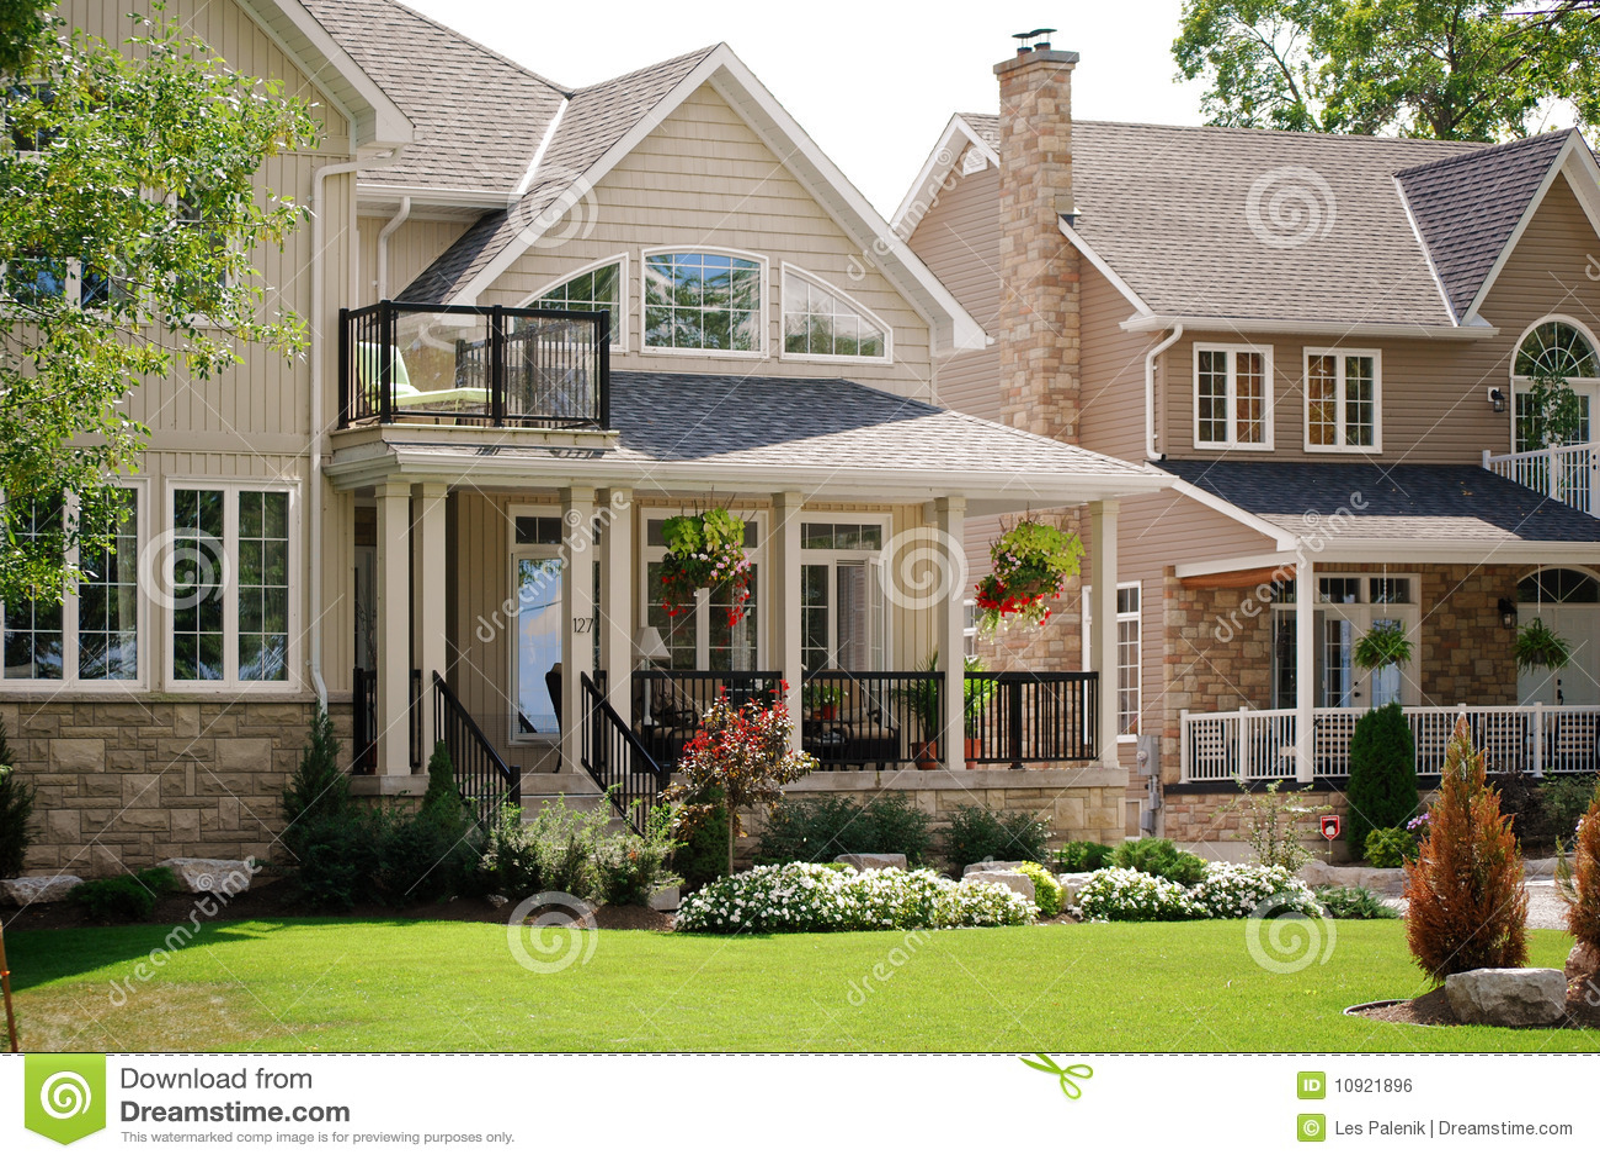 Casas bonitas imagem de stock royalty free imagem 10921896 - Ver casas bonitas ...